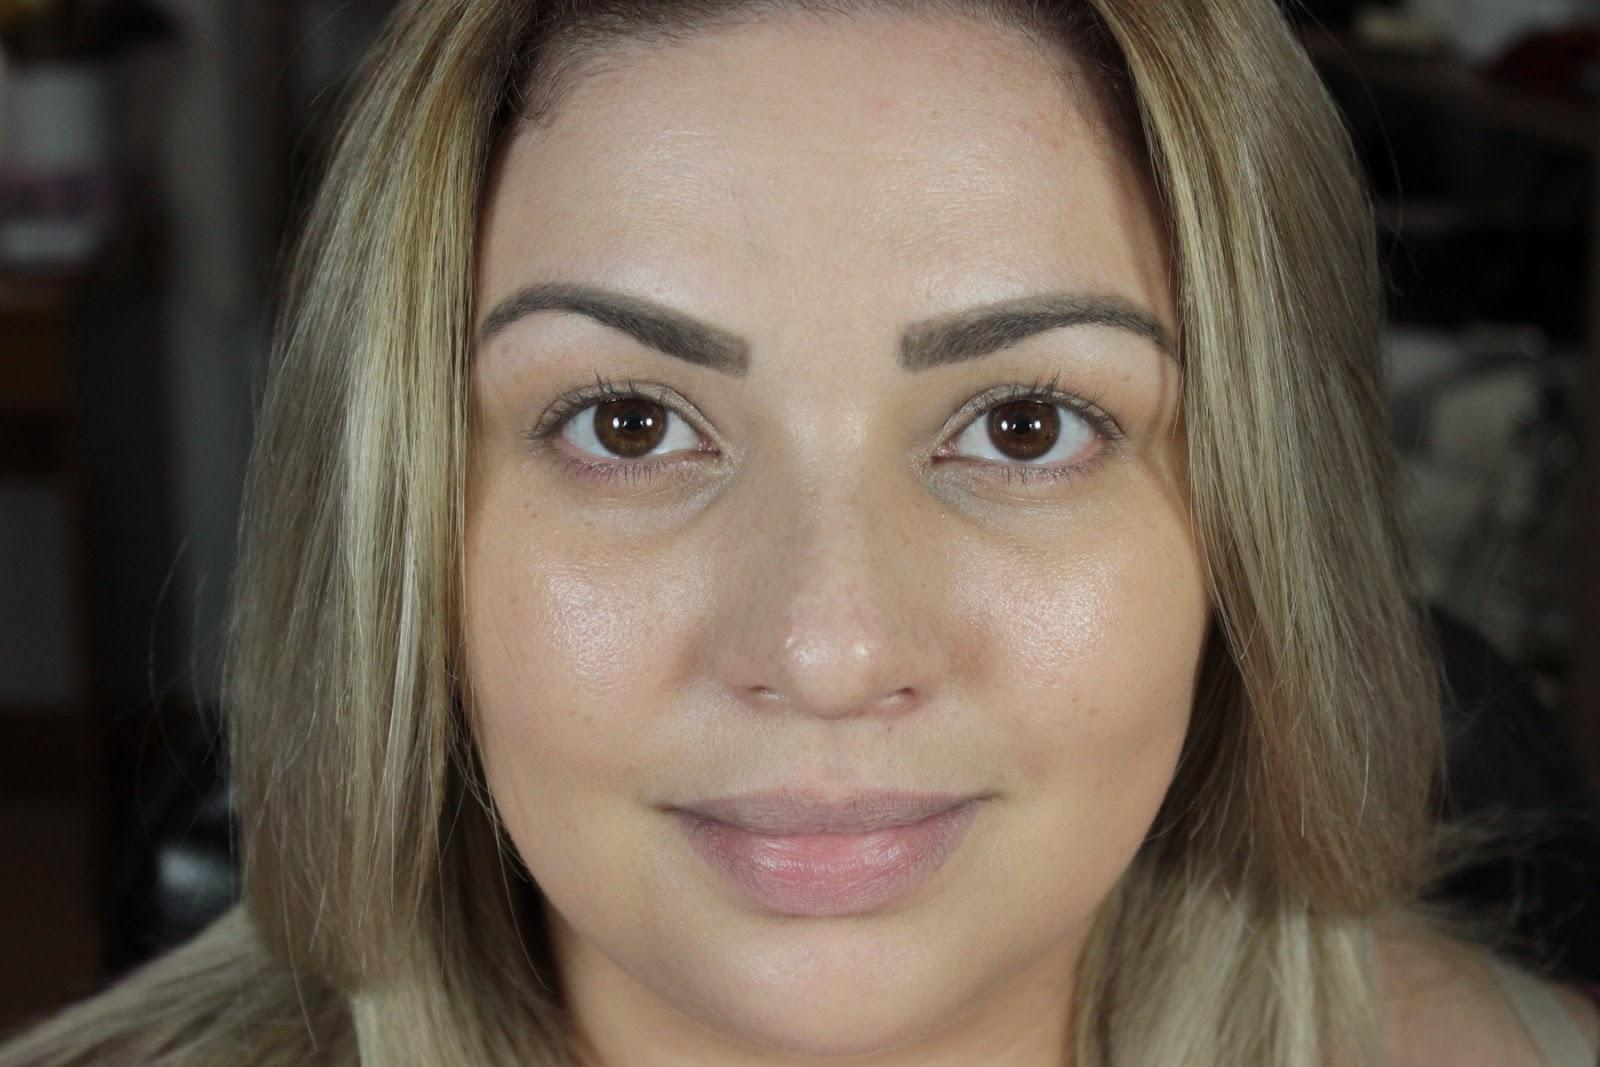 celso kamura, celebridade, bb cream, base, pele, cuidados faciais, fps27, pele perfeita, produtos recebidos, make it easy